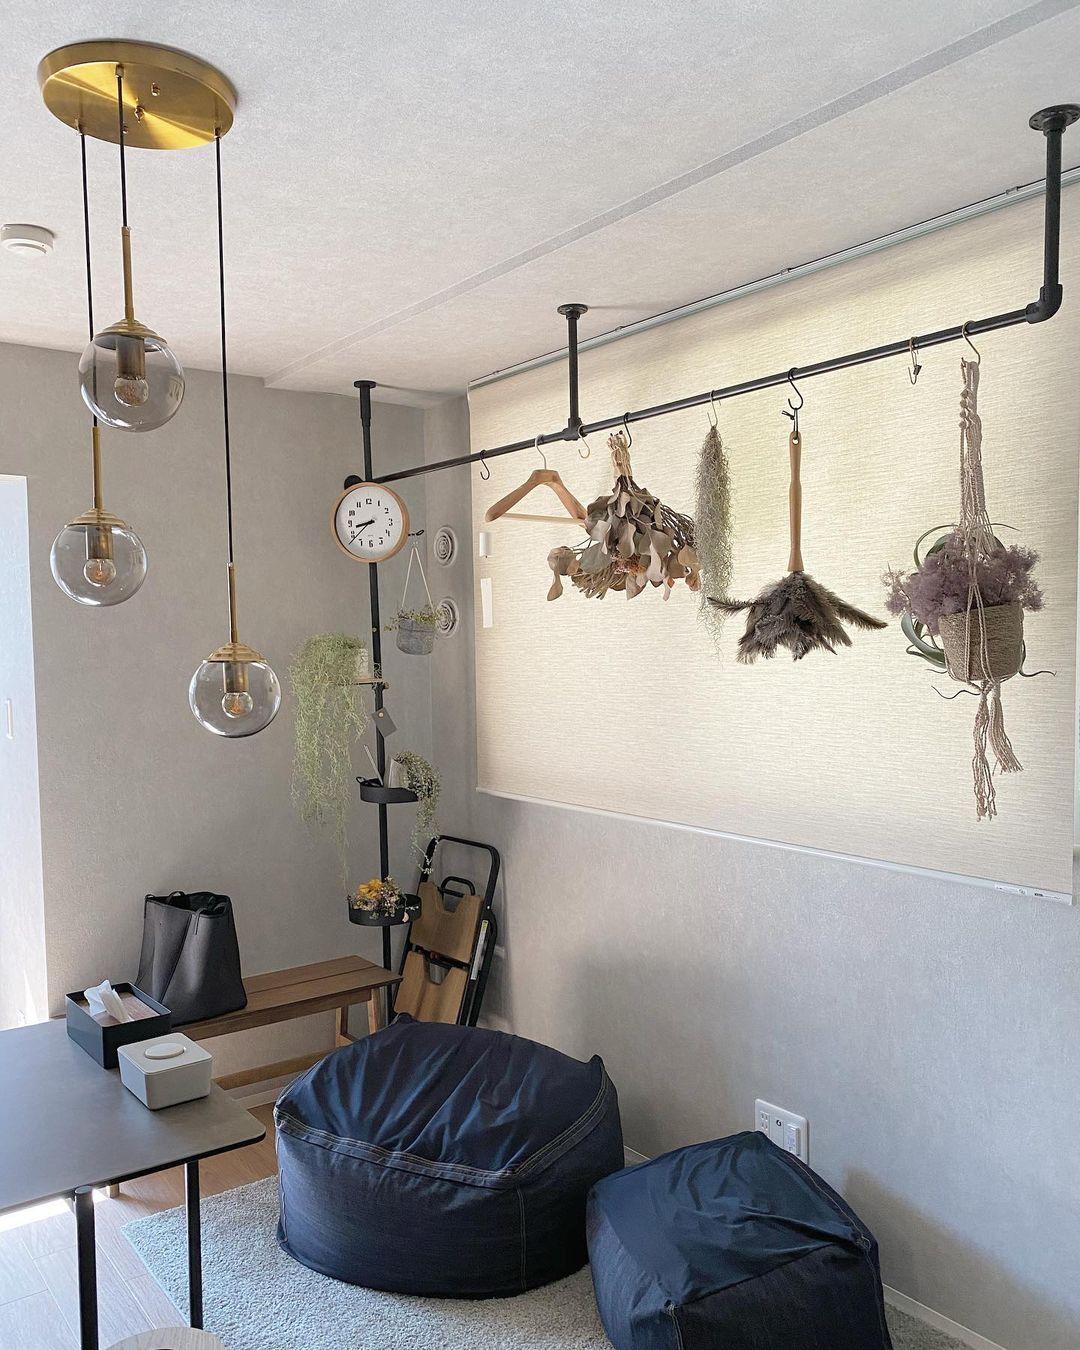 賃貸でも使える「DRAW A LINE」などのアイテムを駆使しながら、床から天井まで、空間をダイナミックに使われています。